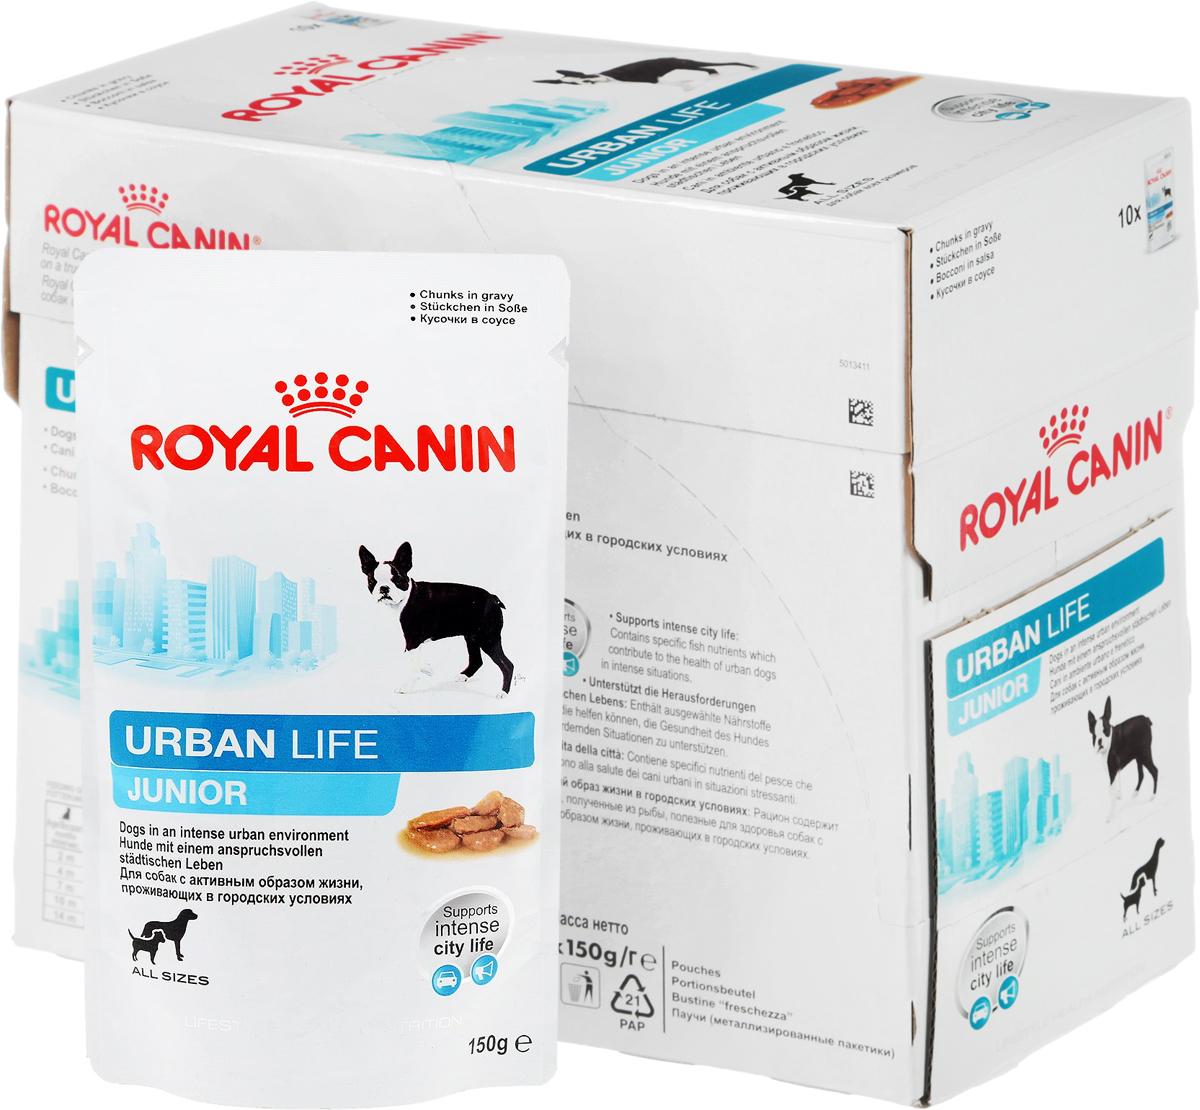 Консервы Royal Canin Urban Life Junior, для щенков, живущих в городских условиях, мелкие кусочки в соусе, 150 г, 10 шт57331Консервы Royal Canin Urban Life Junior - это полнорационный корм для щенков в возрасте до 10-15 месяцев, живущих в городских условиях.Поддержка в городской среде. Urban Life Junior содержит уникальный комплекс антиоксидантов, помогающий собакам, живущим в городе, справляться с оксидативным стрессом, вызванным загрязнением окружающей среды. Продукт содержит ценные питательные вещества из рыбного сырья, которые также способствуют поддержанию здоровья городской собаки, часто сталкивающейся со стрессовыми ситуациями (городской шум, скопления людей,автомобильное движение).Гармоничный рост. Точно выверенный баланс питательных веществ отвечает энергетическим потребностям щенка. Продукт содержит пребиотики и высококачественные белки (L.I.P.*), поддерживающие здоровье пищеварительной системы.Естественная защита. Продукт содержит антиоксиданты, способствующие развитию механизмов естественной защиты щенка. Состав: мясо и мясные субпродукты, рыба и рыбные субпродукты, злаки, субпродукты растительного происхождения, масла и жиры, минеральные вещества, источники углеводов, дрожжи. Добавки (в 1 кг): Витамин D3: 123 ME, Железо: 12 мг, Йод: 0,35 мг, Медь: 2,8 мг, Марганец: 3,7 мг, Цинк: 37 мг.Товар сертифицирован.